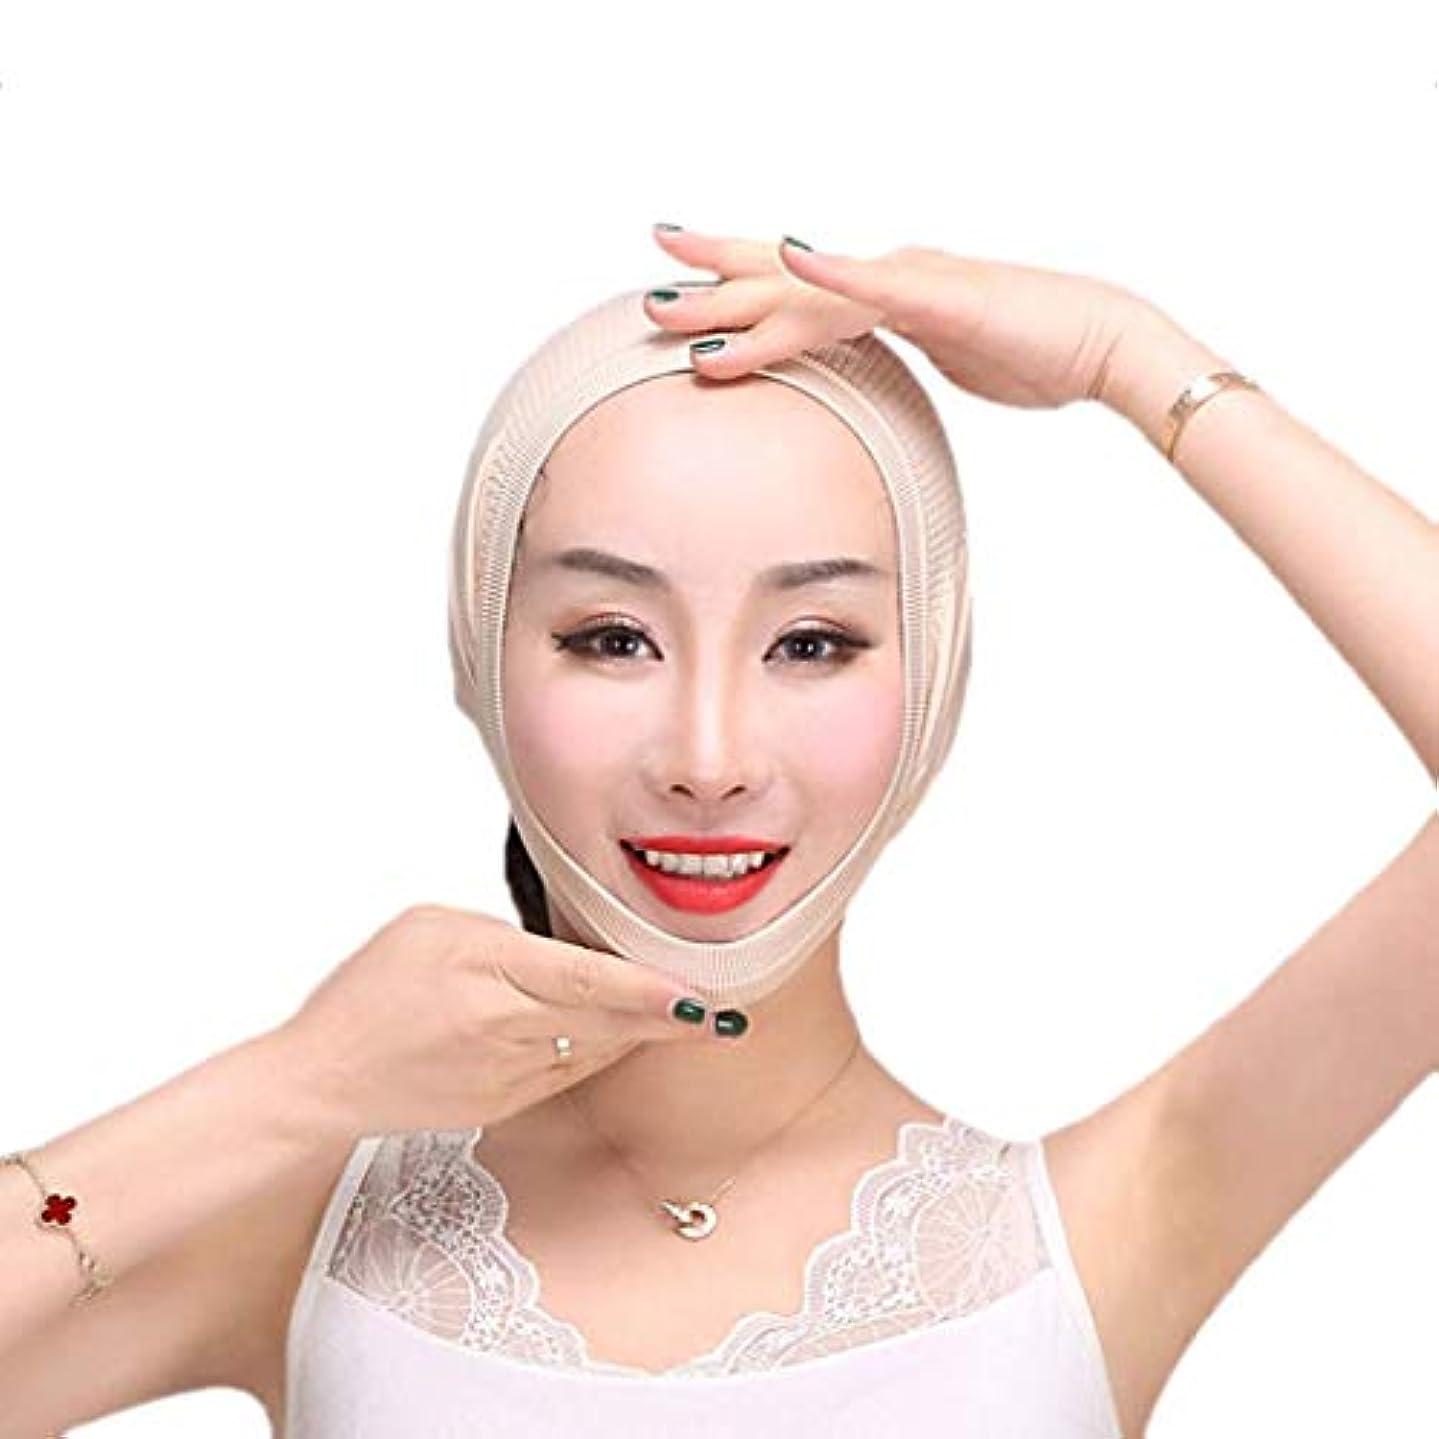 にんじん中古鼓舞するフェイスリフトマスク、フェイススリミングマスク、チンストラップ、フェイスマッサージ、フェイシャル減量マスク、チンリフティングベルト(ワンサイズ)